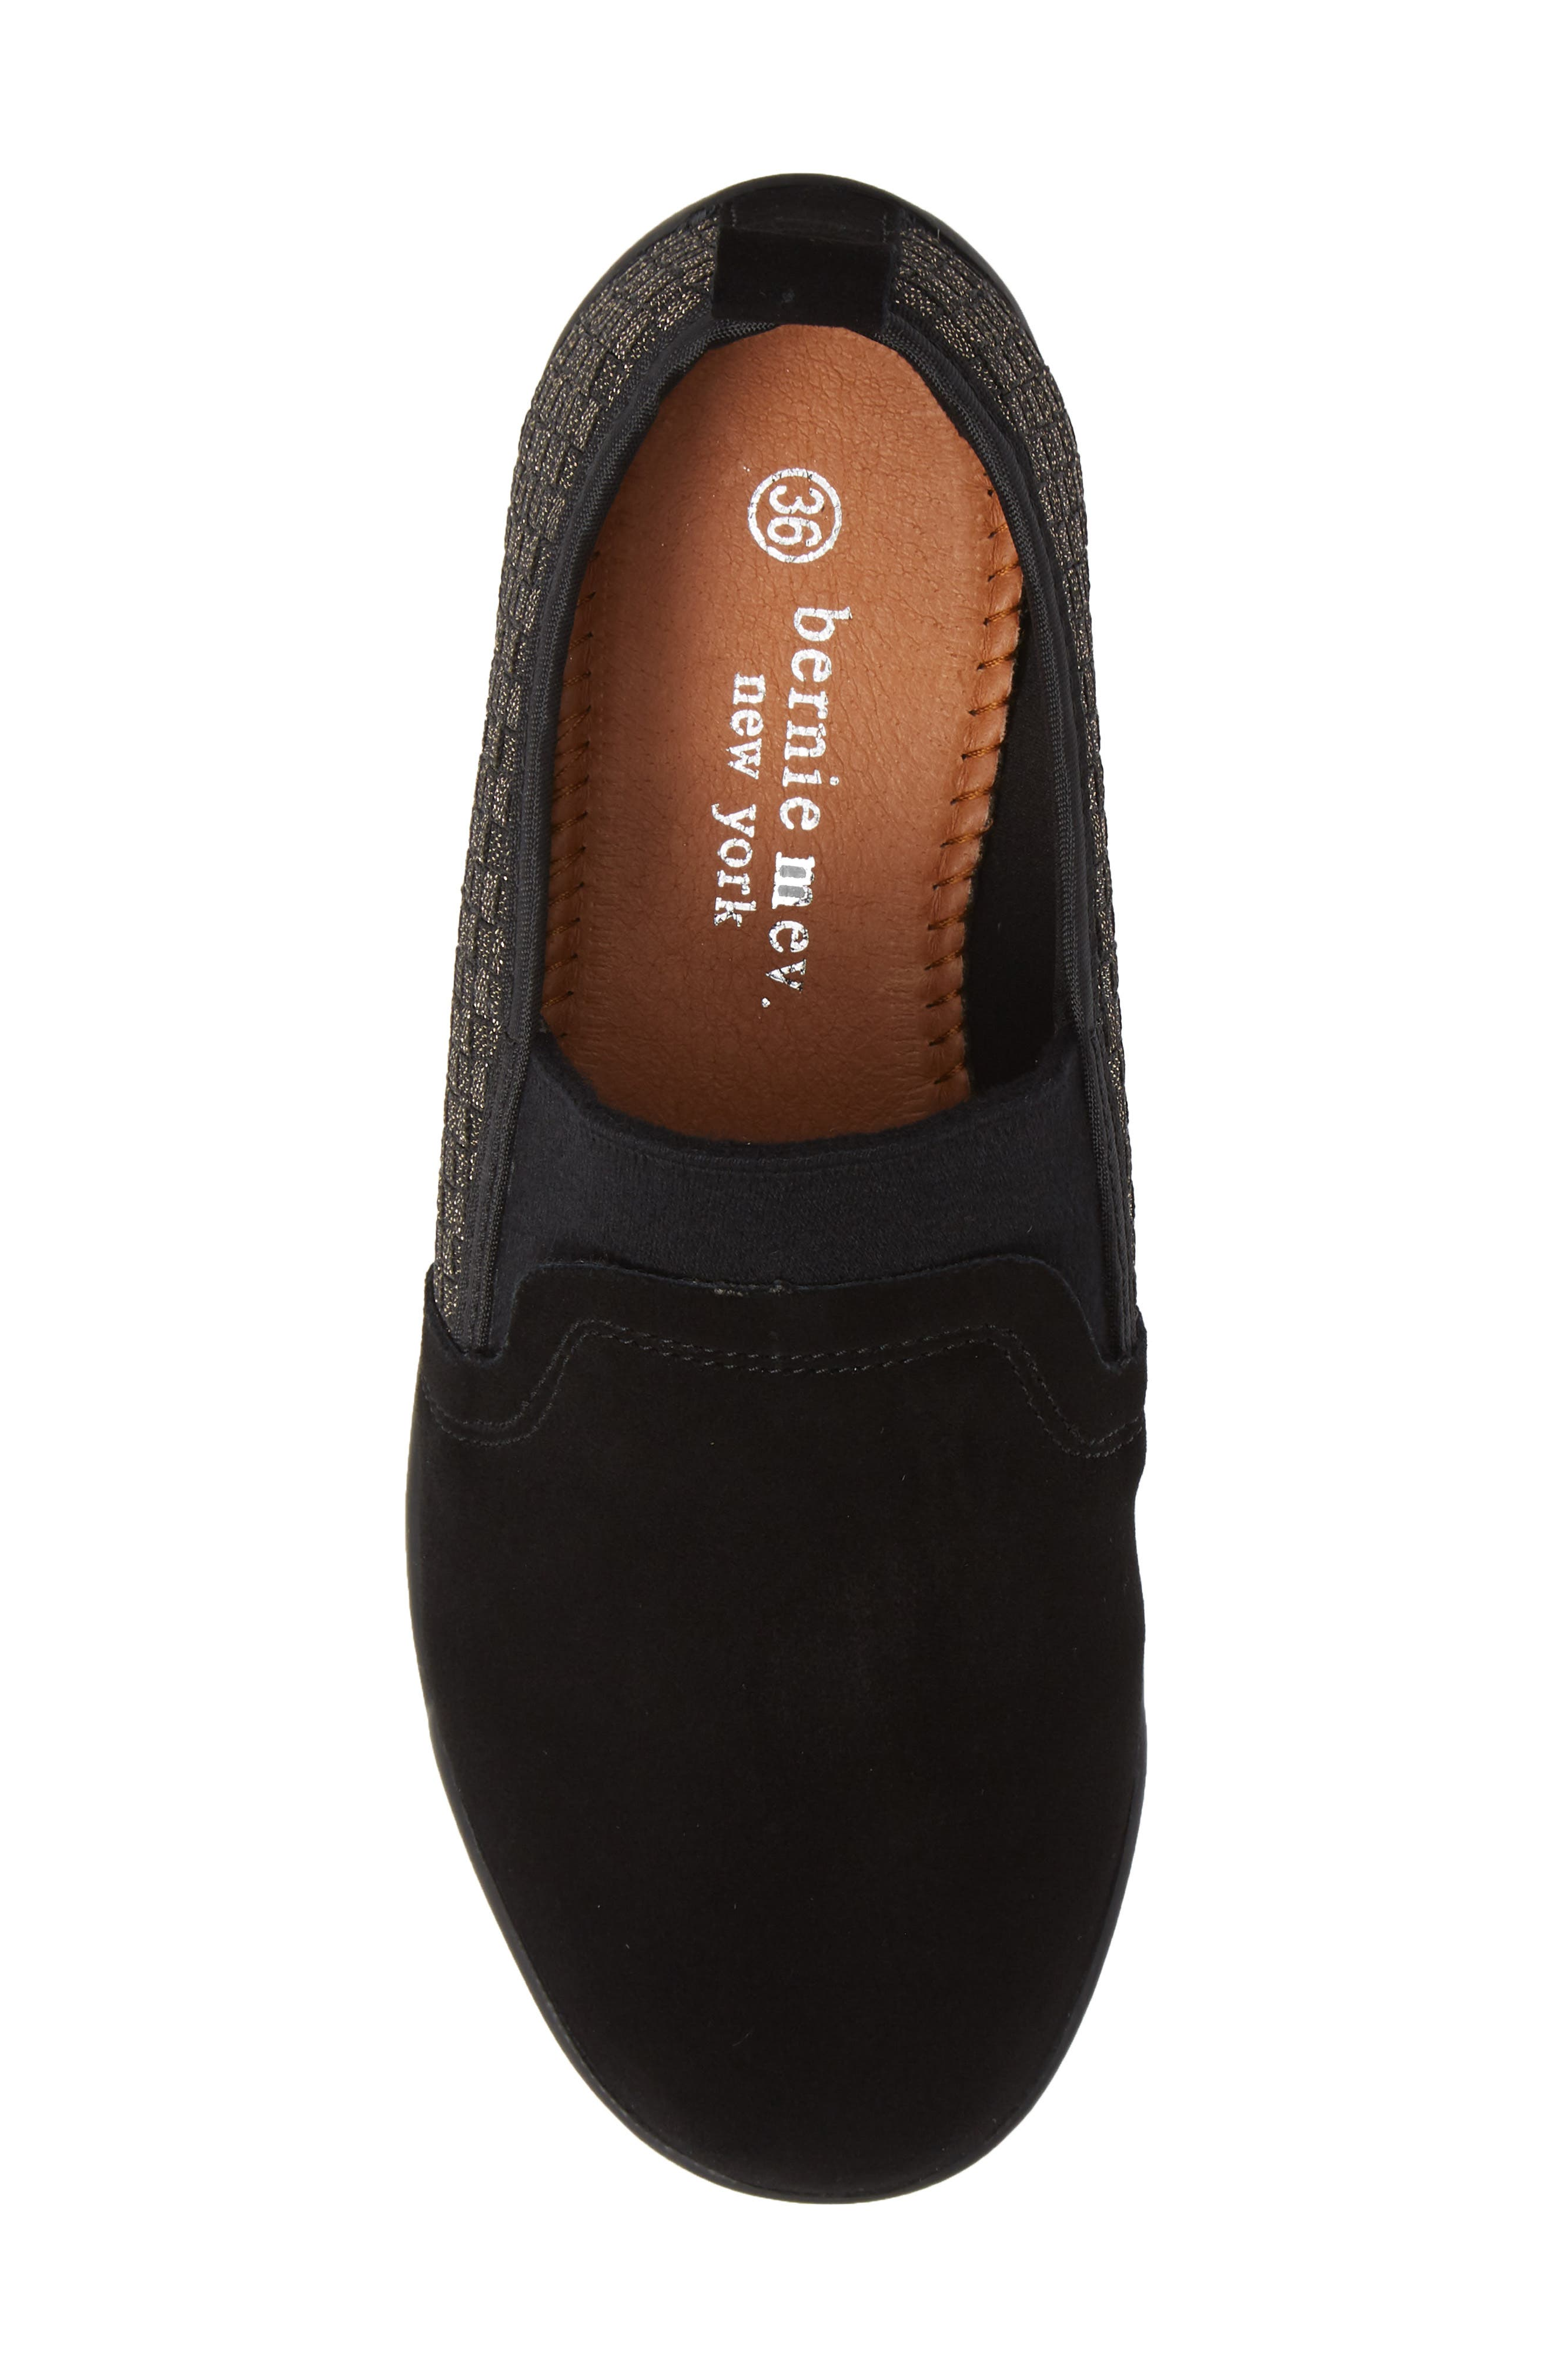 Swift Slip-On Sneaker,                             Alternate thumbnail 4, color,                             Gold Black Shimmer Leather